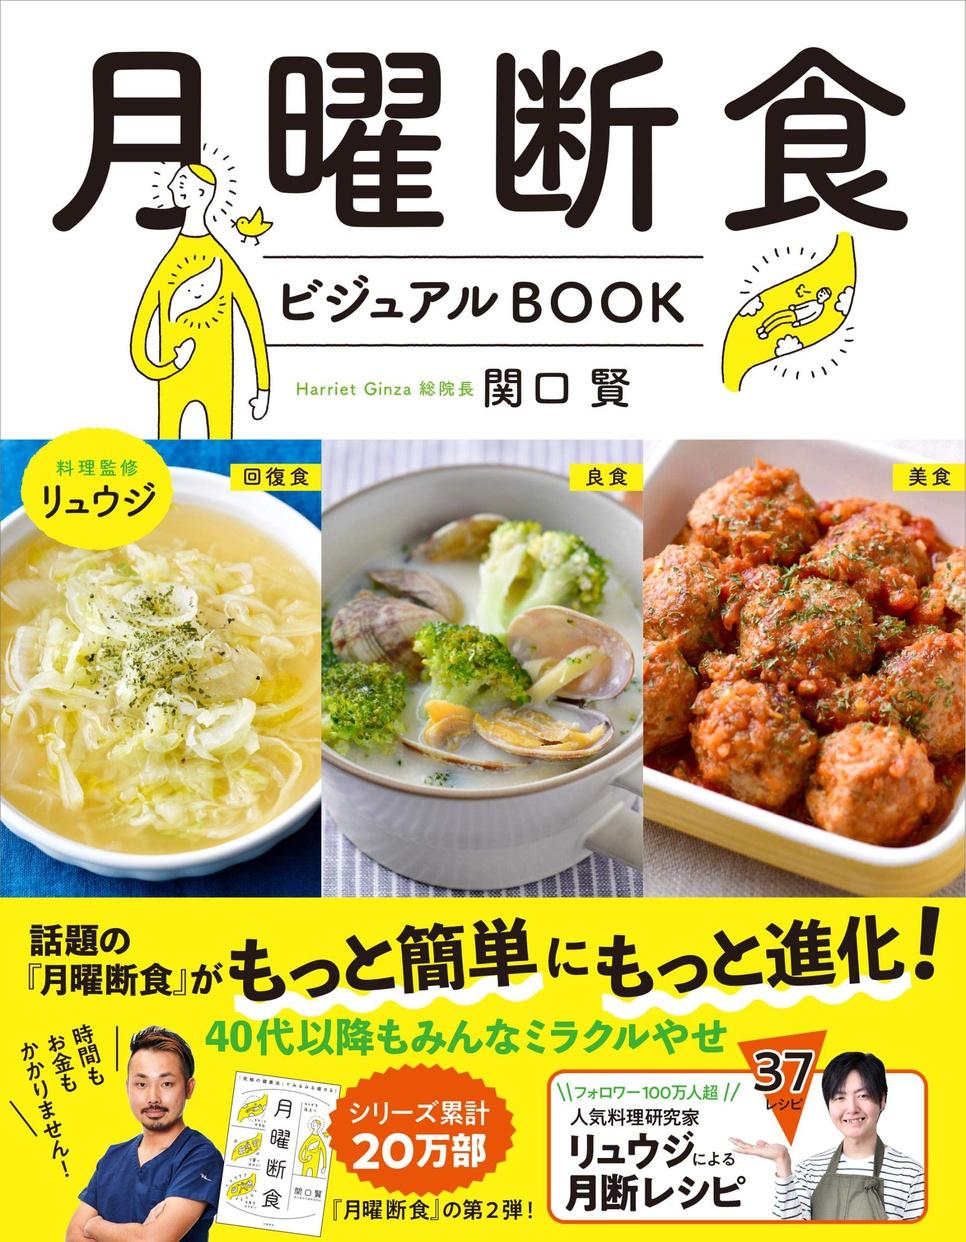 文藝春秋 月曜断食ビジュアルBOOKの商品画像